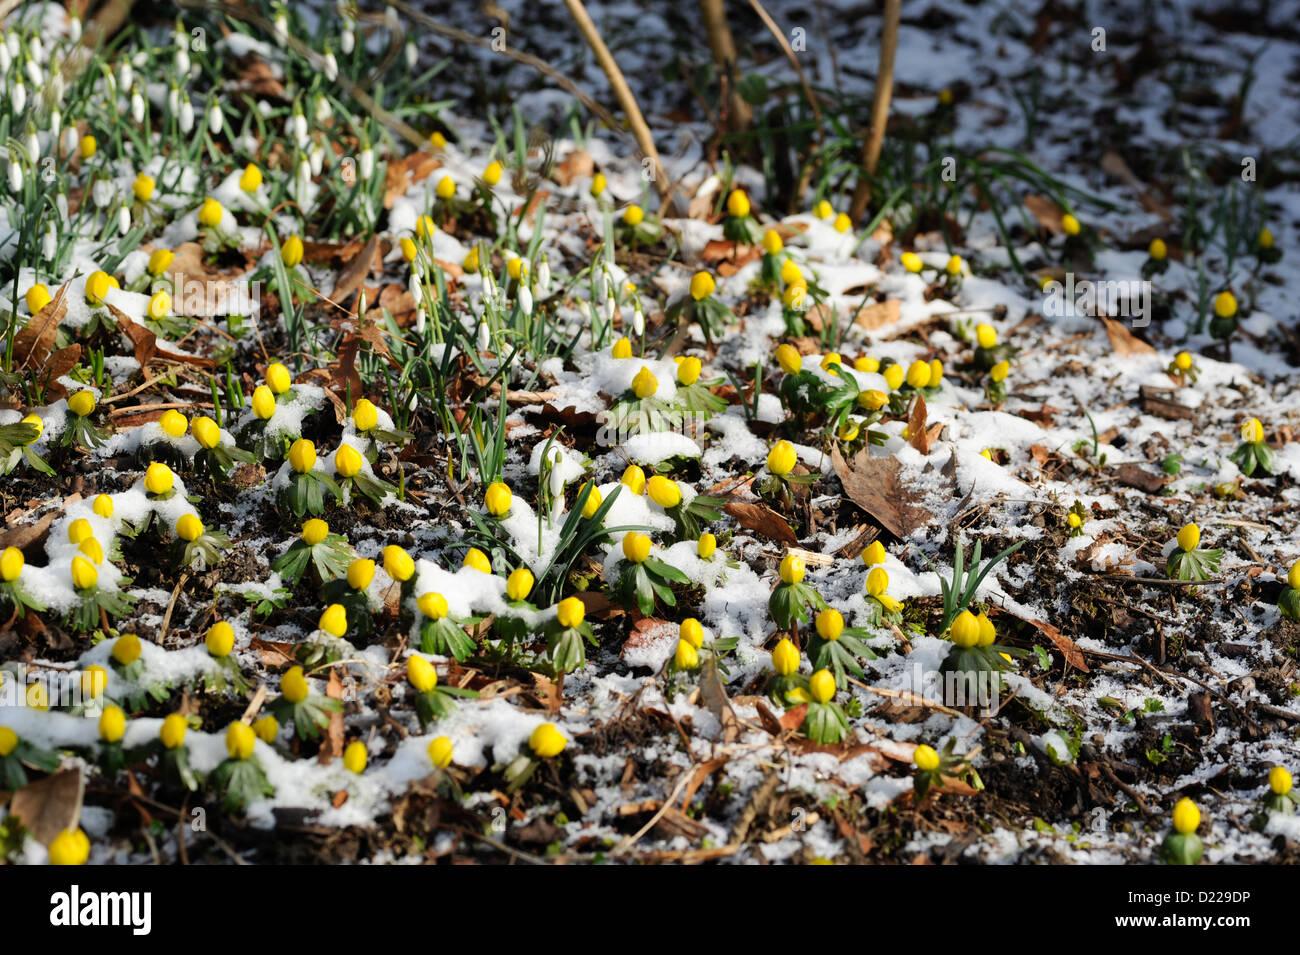 Suedeuropaeischer Winterling (Eranthis hyemalis) Winter Aconite • Baden-Wuerttemberg, Deutschland Stock Photo